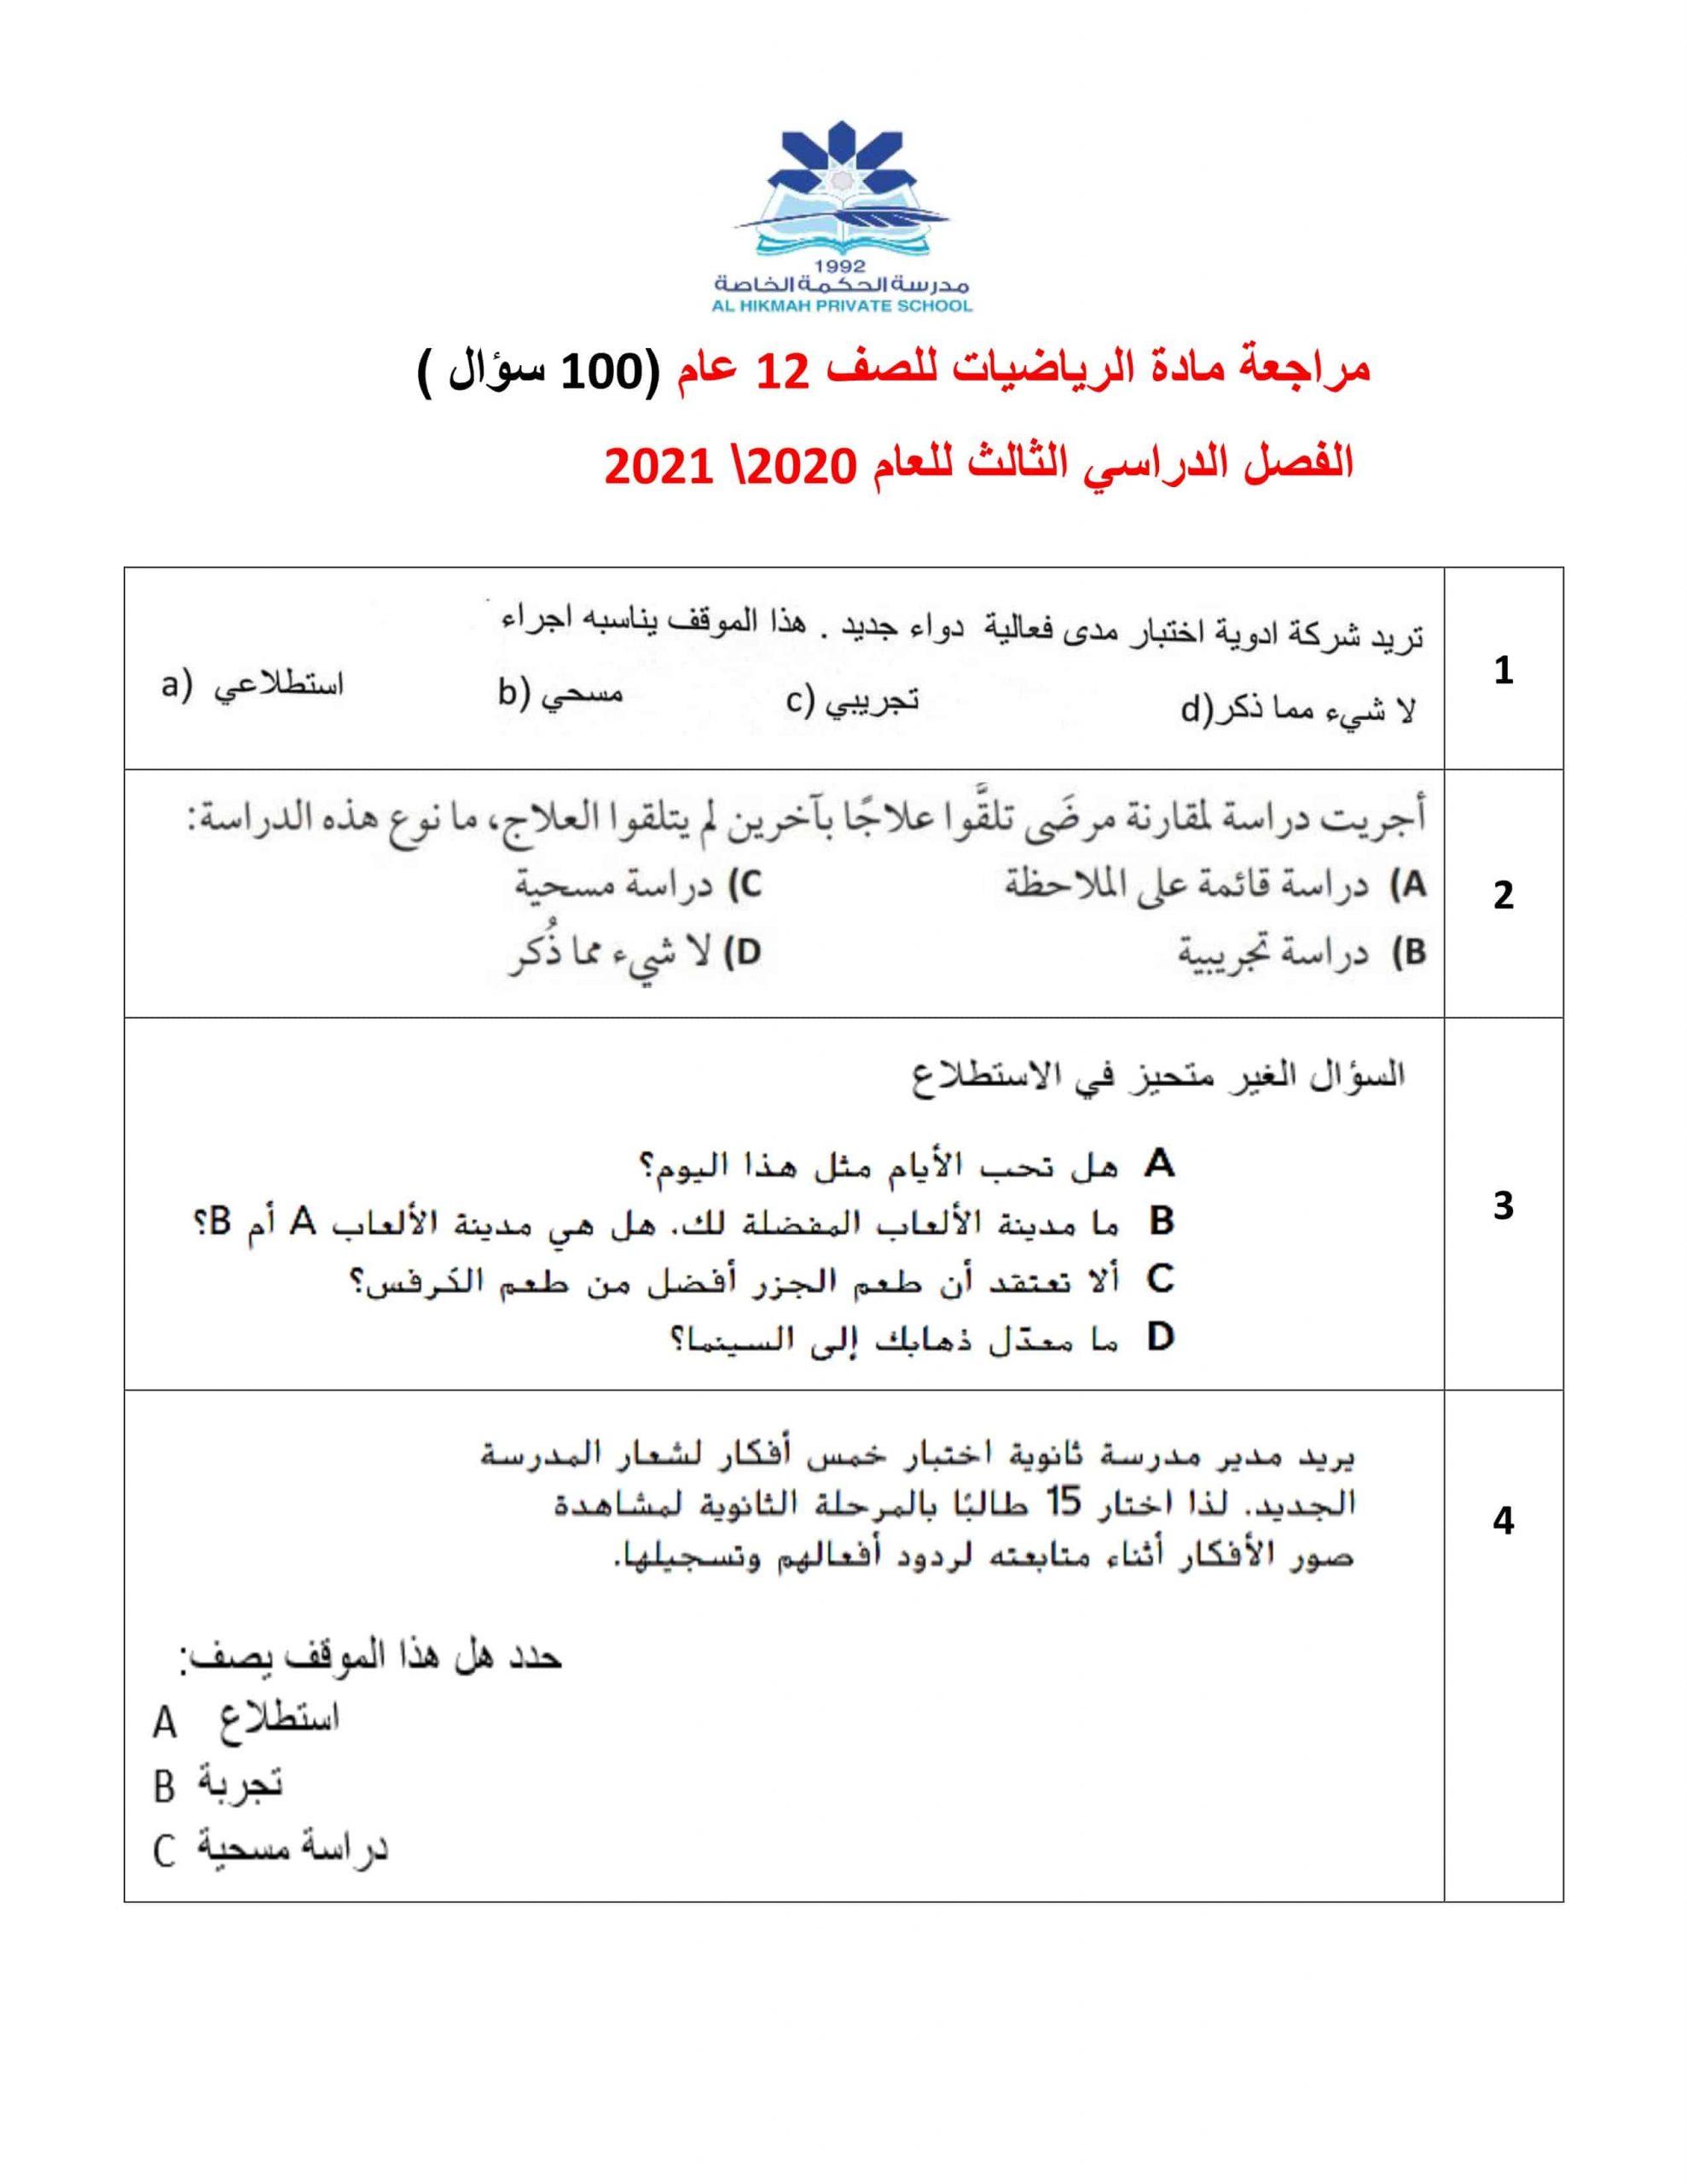 أوراق عمل مراجعة عامة الصف الثاني عشر عام مادة الرياضيات المتكاملة